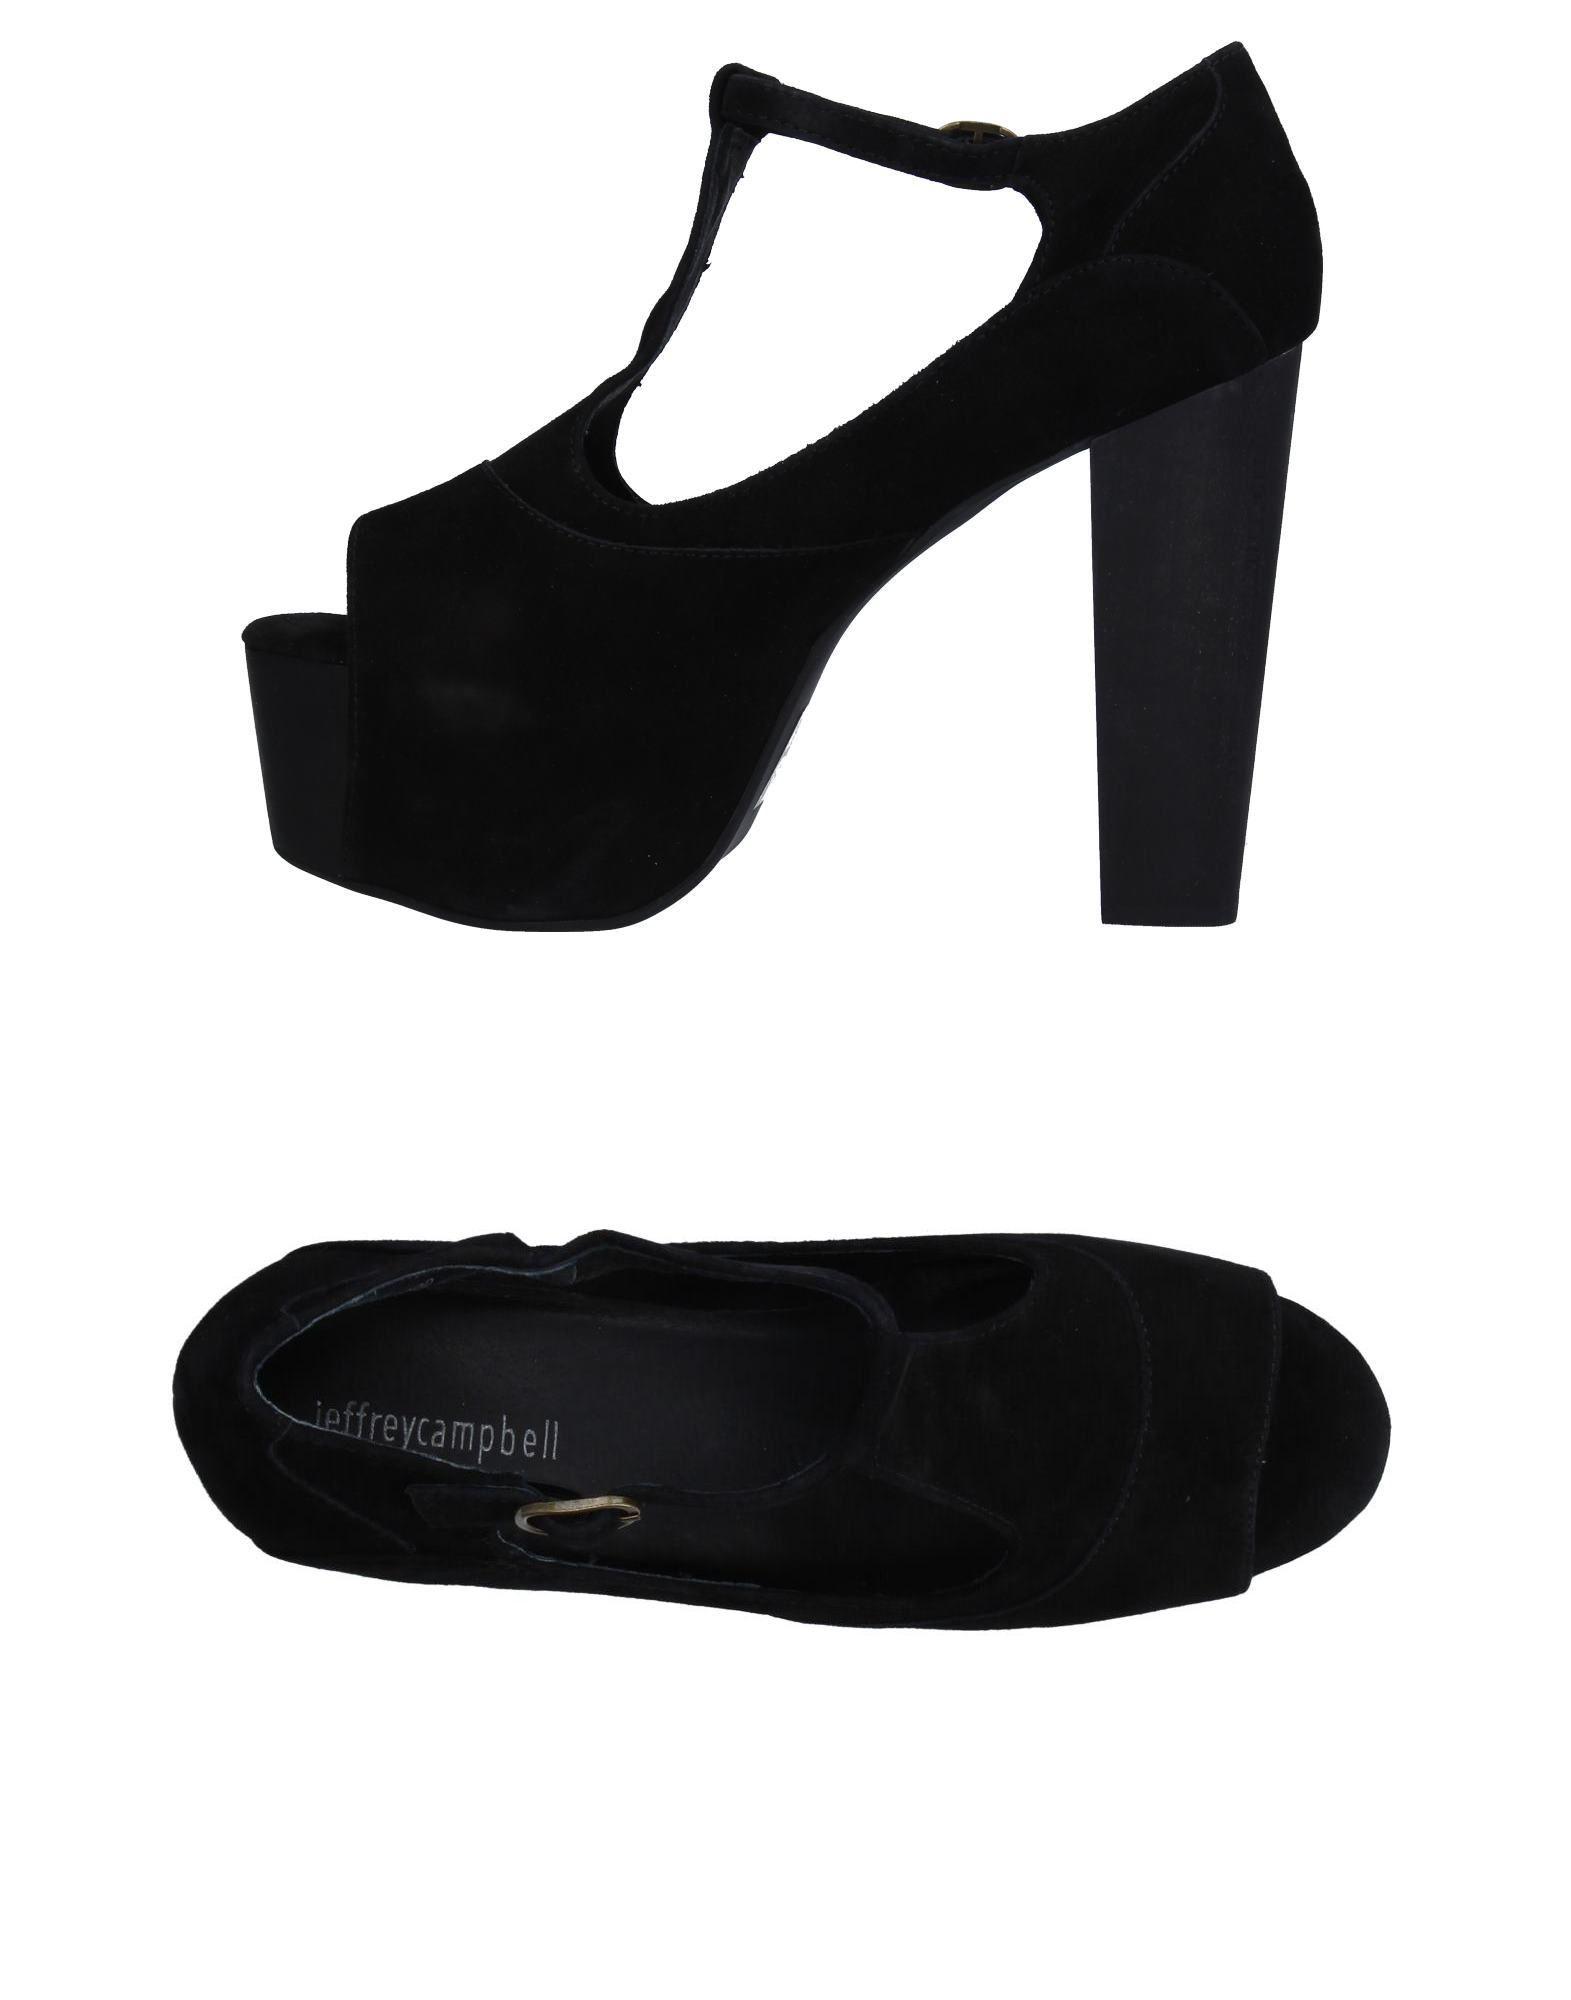 Jeffrey Campbell Sandalen Damen  11314704KK Gute Qualität beliebte Schuhe